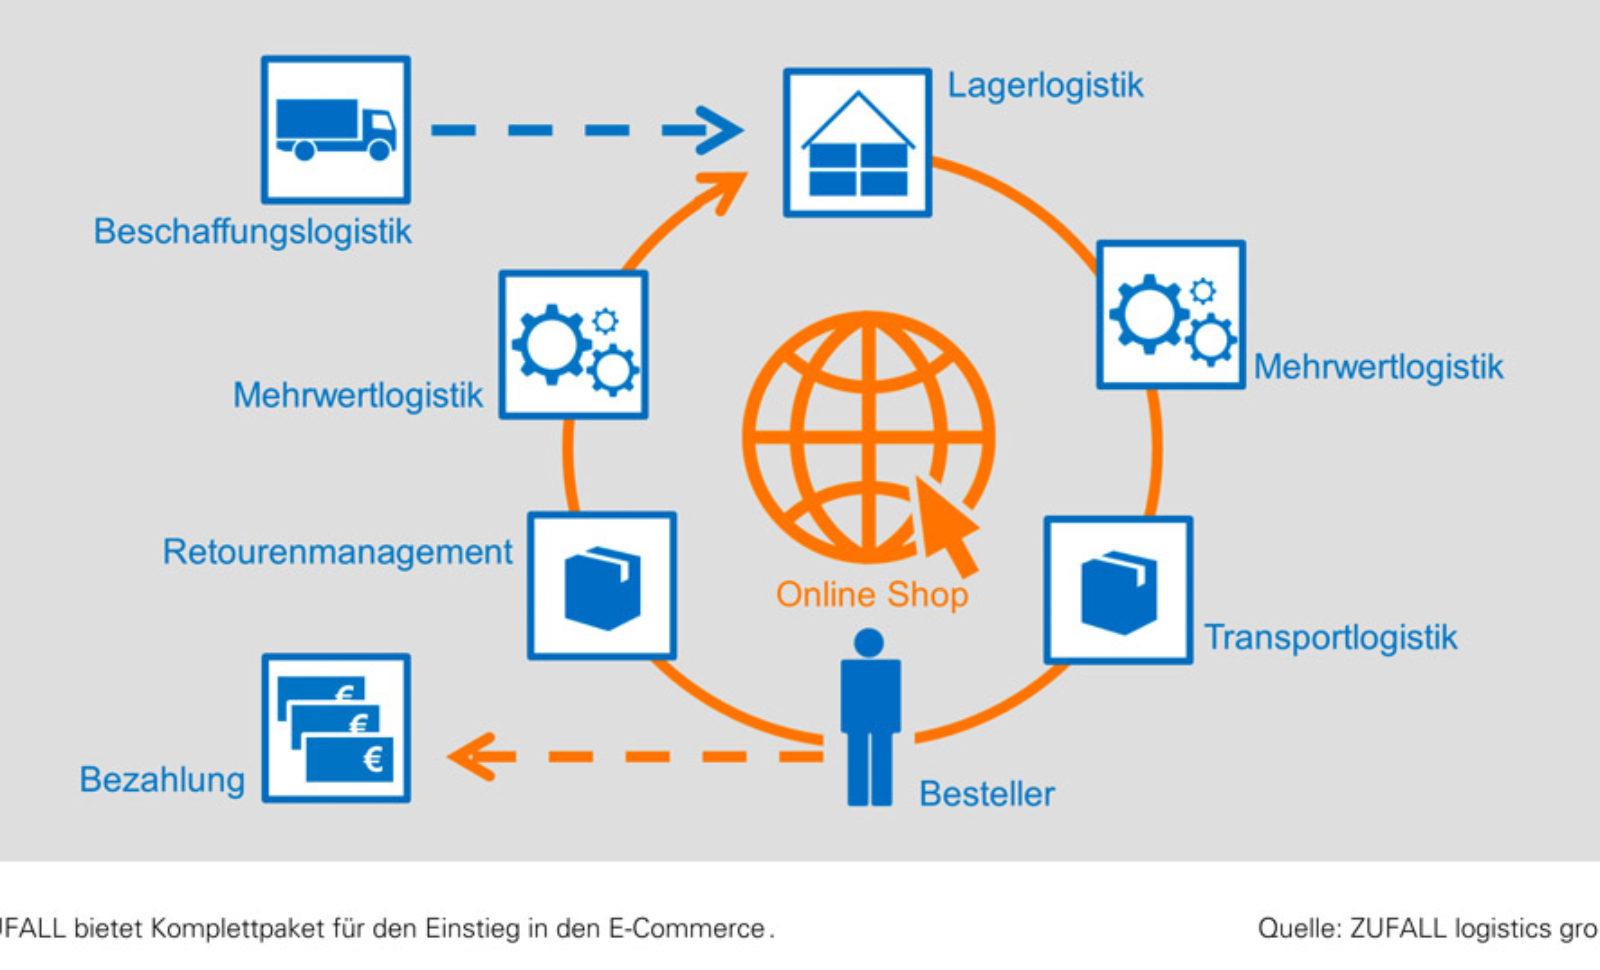 ZUFALL bietet Komplettpaket für den Einstieg in den E-Commerce